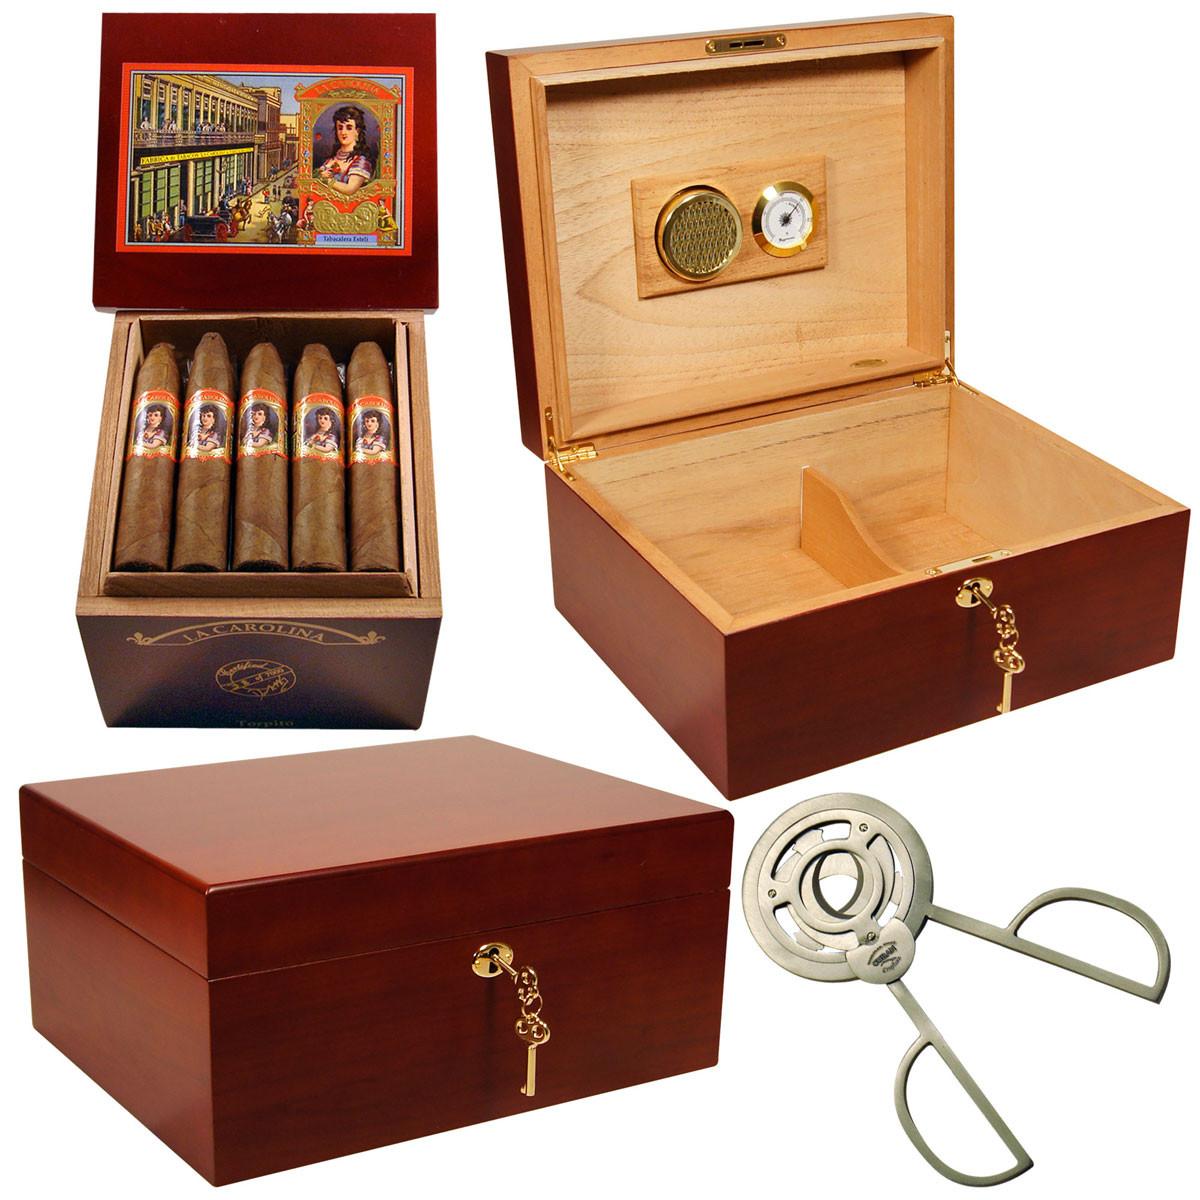 image 1 loading zoom - Cigar Humidors